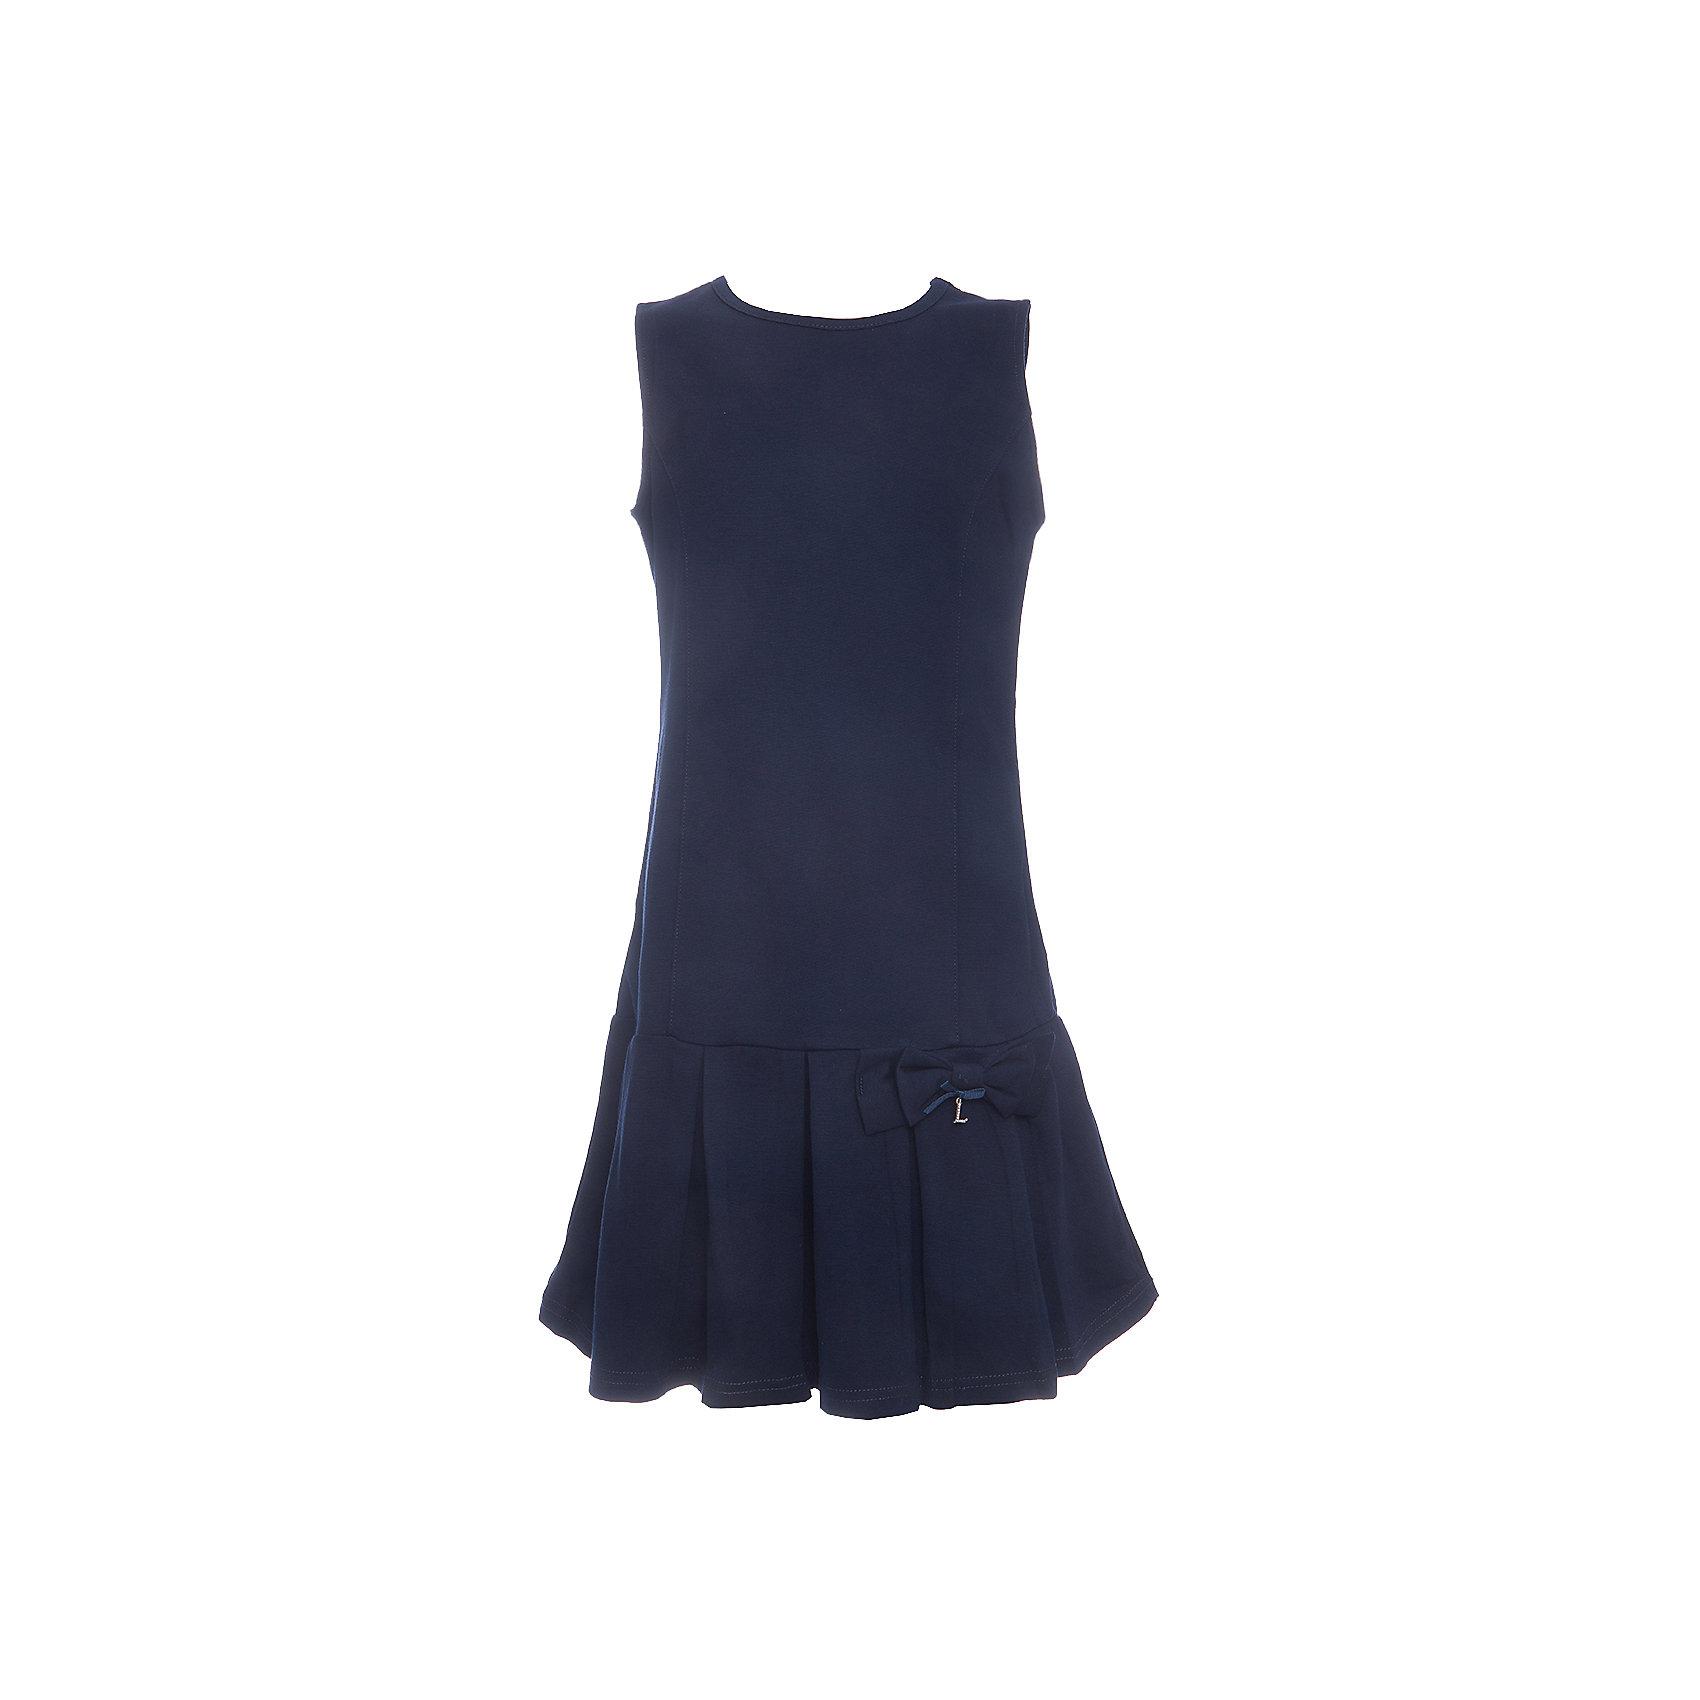 Платье для девочки LuminosoПлатья и сарафаны<br>Характеристики товара:<br><br>• цвет: синий;<br>• состав: 65% хлопок 30% полиэстер 5% эластан;<br>• сезон: демисезон;<br>• особенности: школьное, плиссированное;<br>• с коротким рукавом:<br>• юбка с плиссировкой;<br>• страна бренда: Россия;<br>• страна производства: Китай.<br><br>Темно-синее трикотажное платье-сарафан А-силуэта с округлым вырезом для девочки. Юбка декорирована плиссировкой. Школьное платье без рукавов.<br><br>Платье для девочки Luminoso (Люминосо) можно купить в нашем интернет-магазине.<br><br>Ширина мм: 236<br>Глубина мм: 16<br>Высота мм: 184<br>Вес г: 177<br>Цвет: синий<br>Возраст от месяцев: 72<br>Возраст до месяцев: 84<br>Пол: Женский<br>Возраст: Детский<br>Размер: 122,164,158,152,146,140,134,128<br>SKU: 6672851